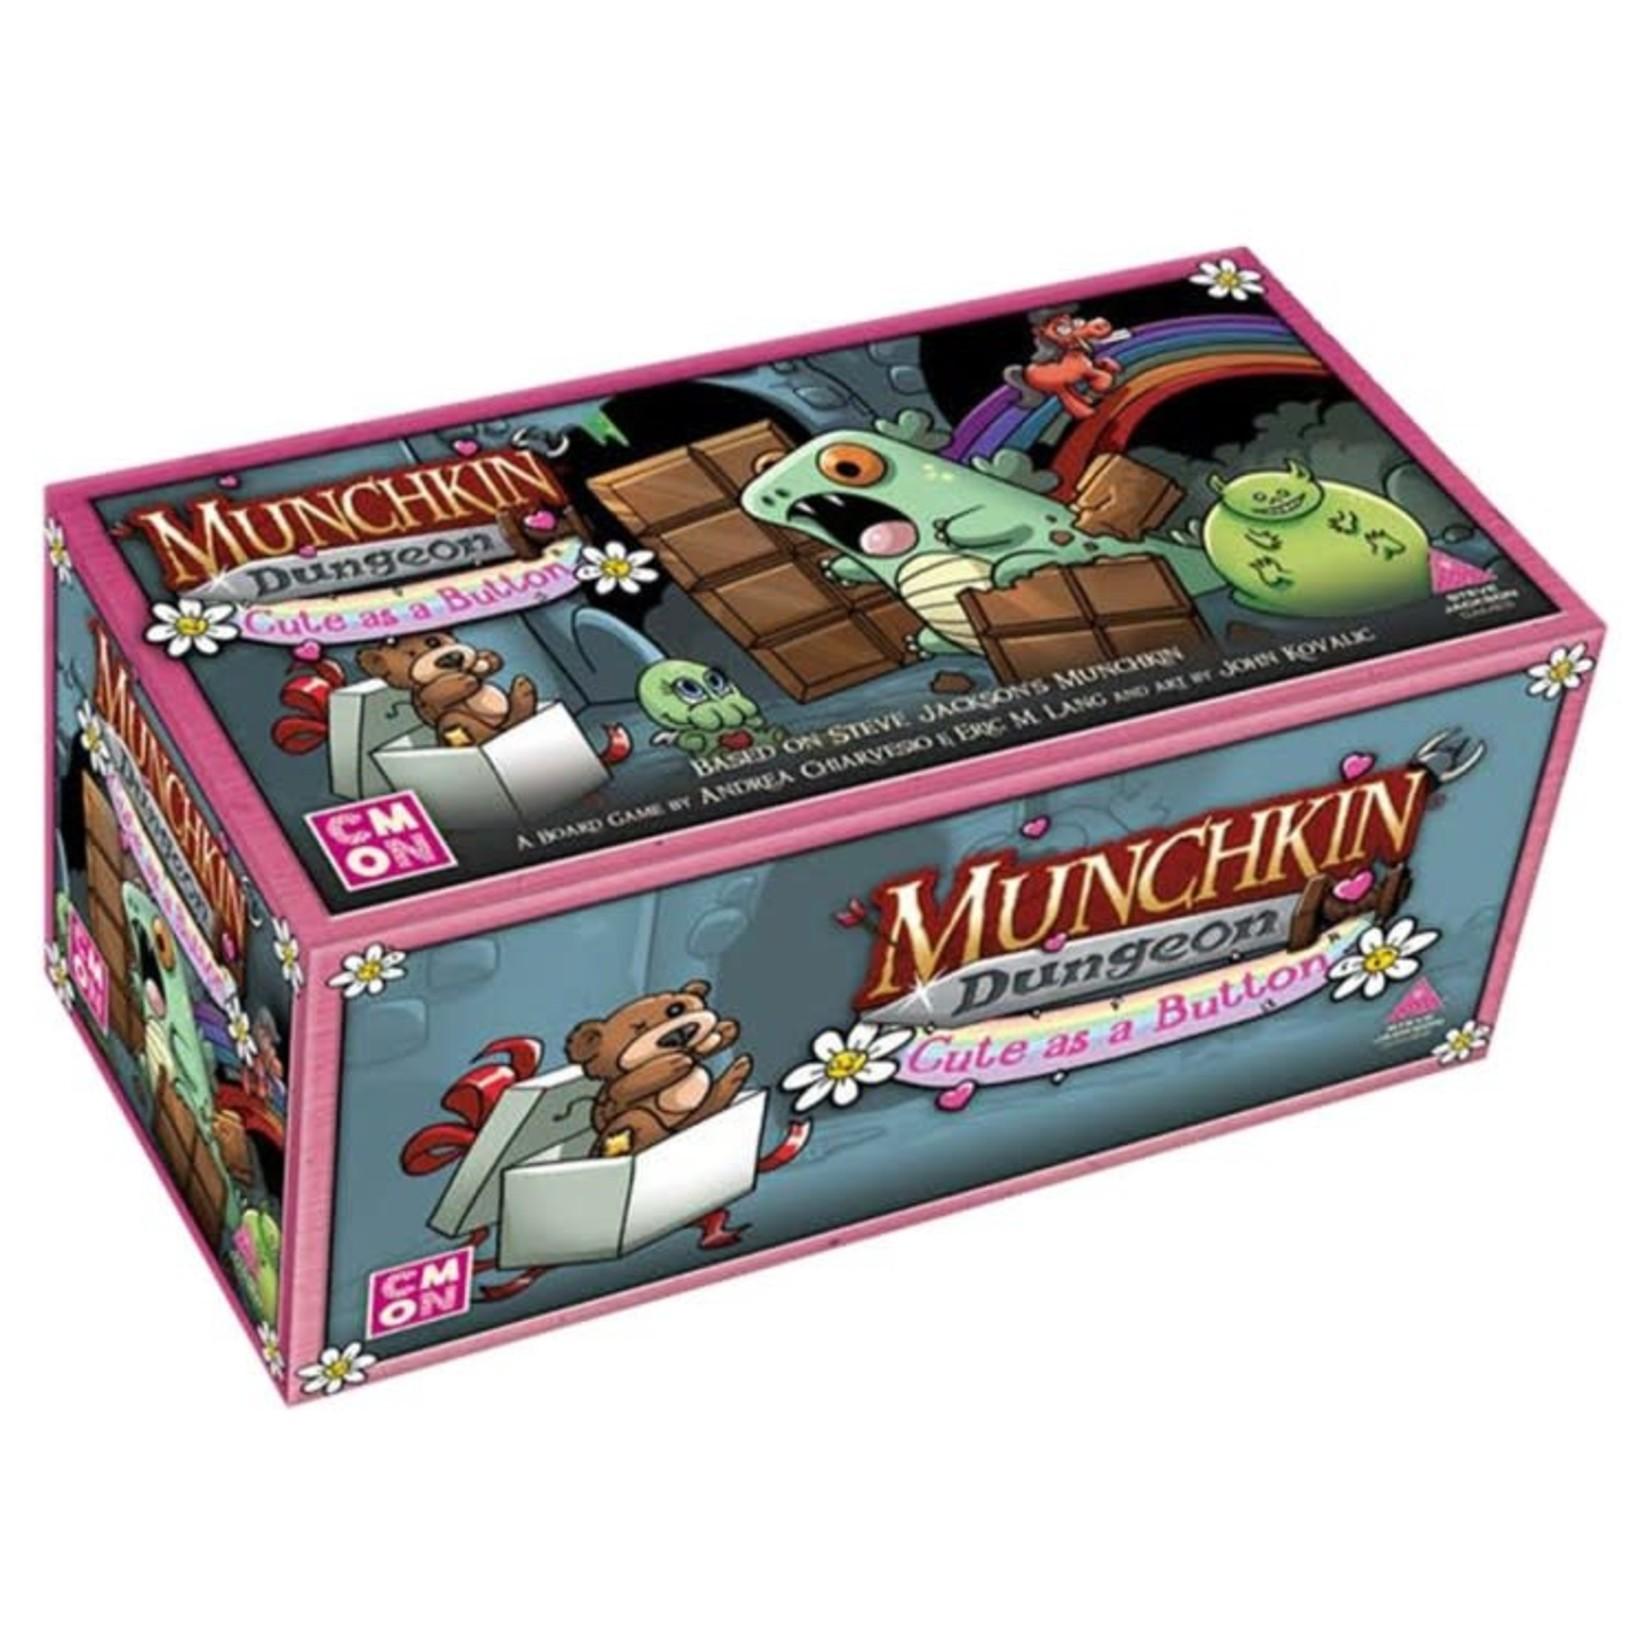 CMON Munchkin Dungeon: Cute as a Button